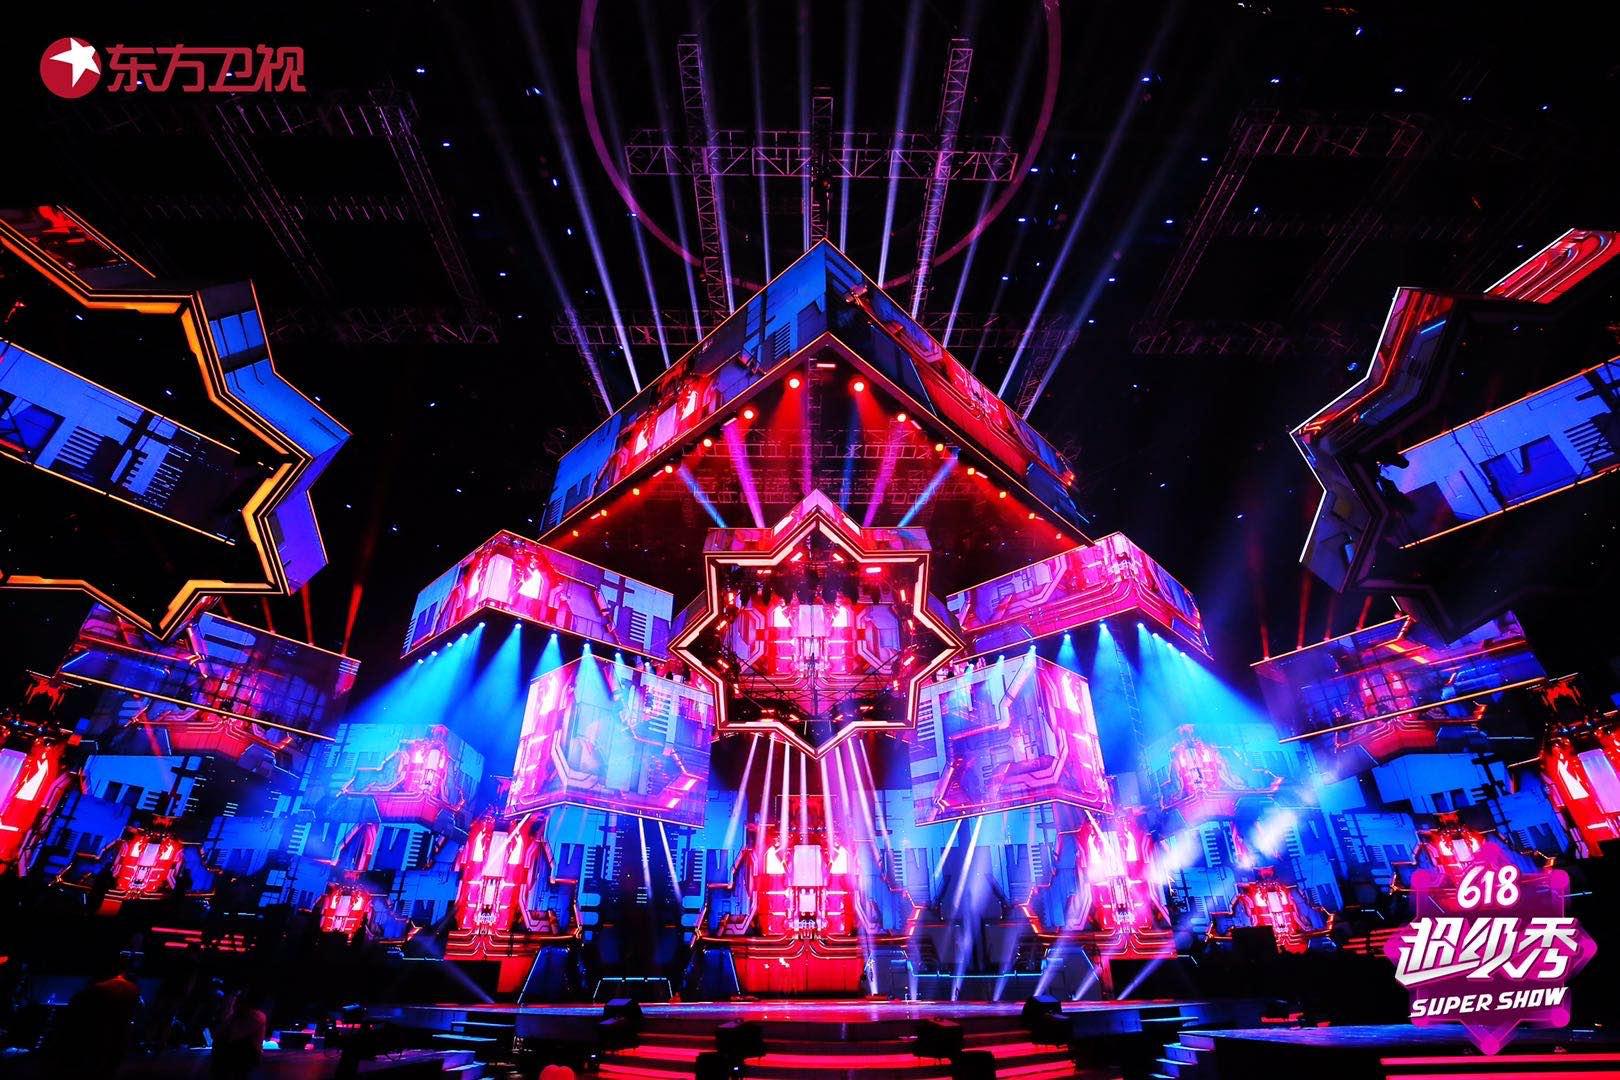 东方卫视苏宁易购618超级秀,惊艳空中之城刷新舞台定义